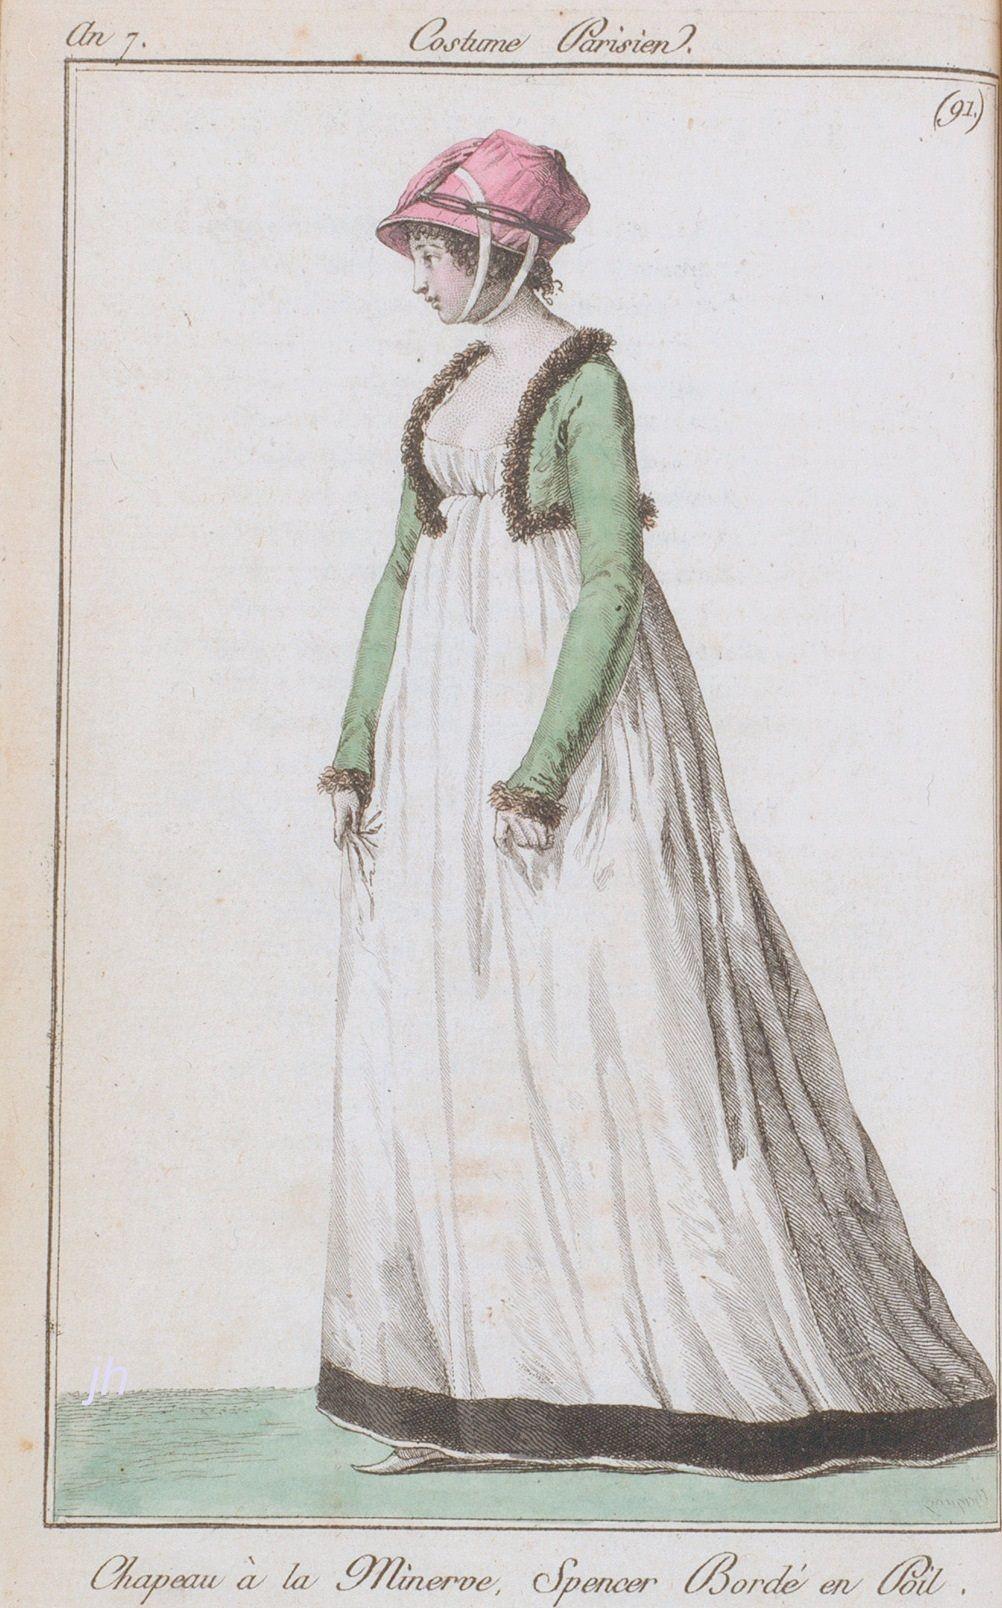 1799. Costume Parisien 91. Fur edged spencer